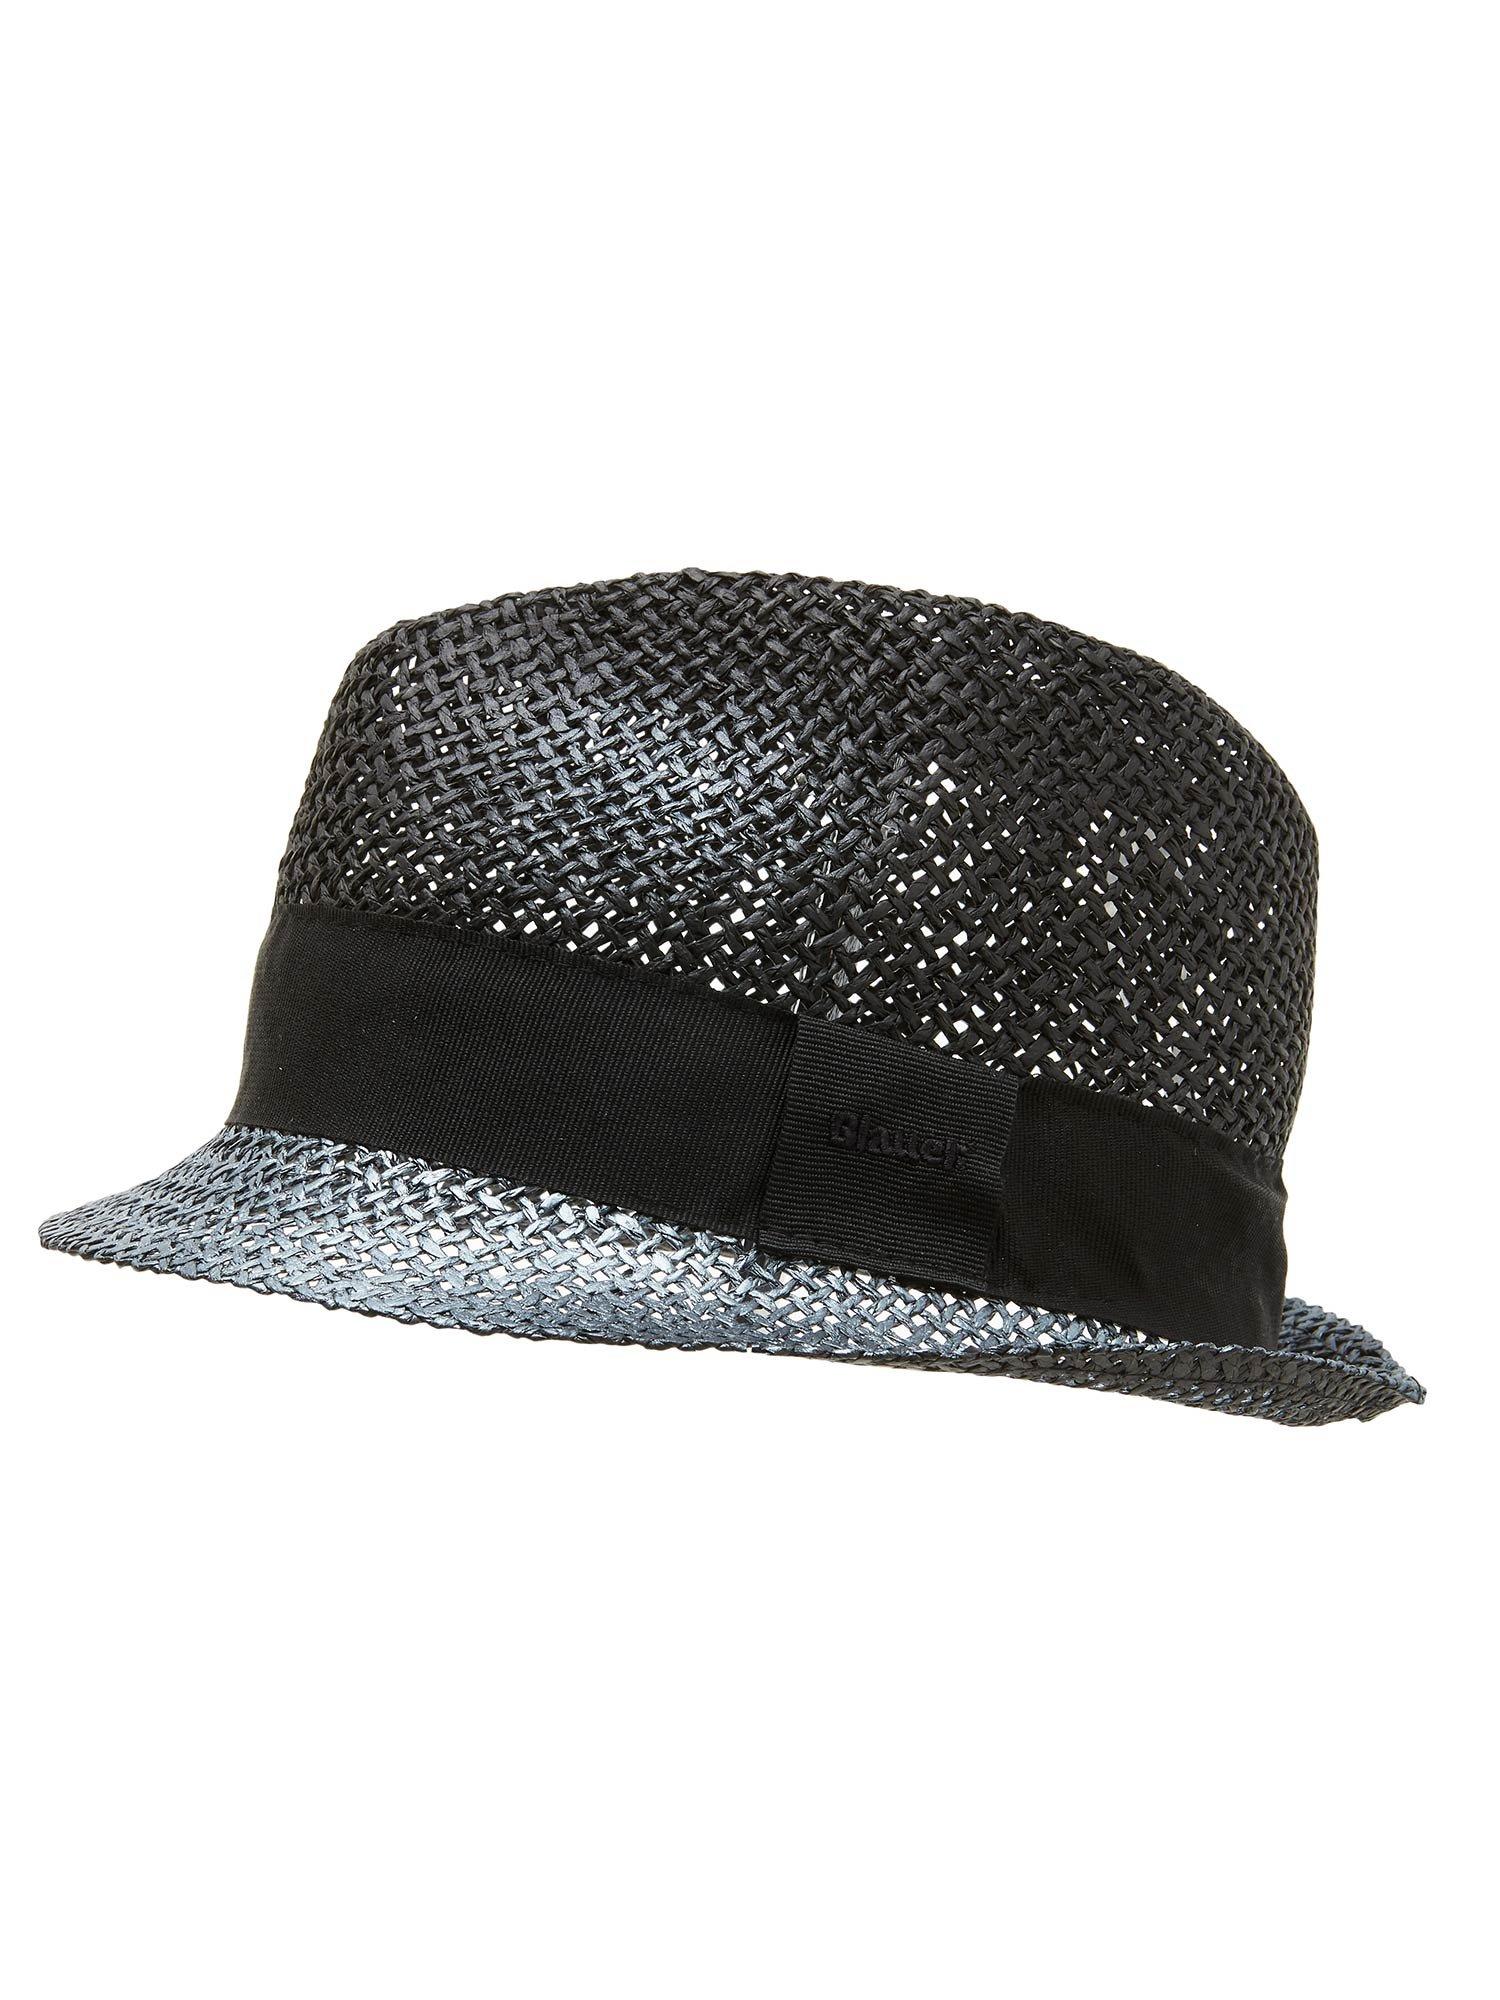 Blauer - TRILBY HAT IN PAPER FABRIC - Black - Blauer